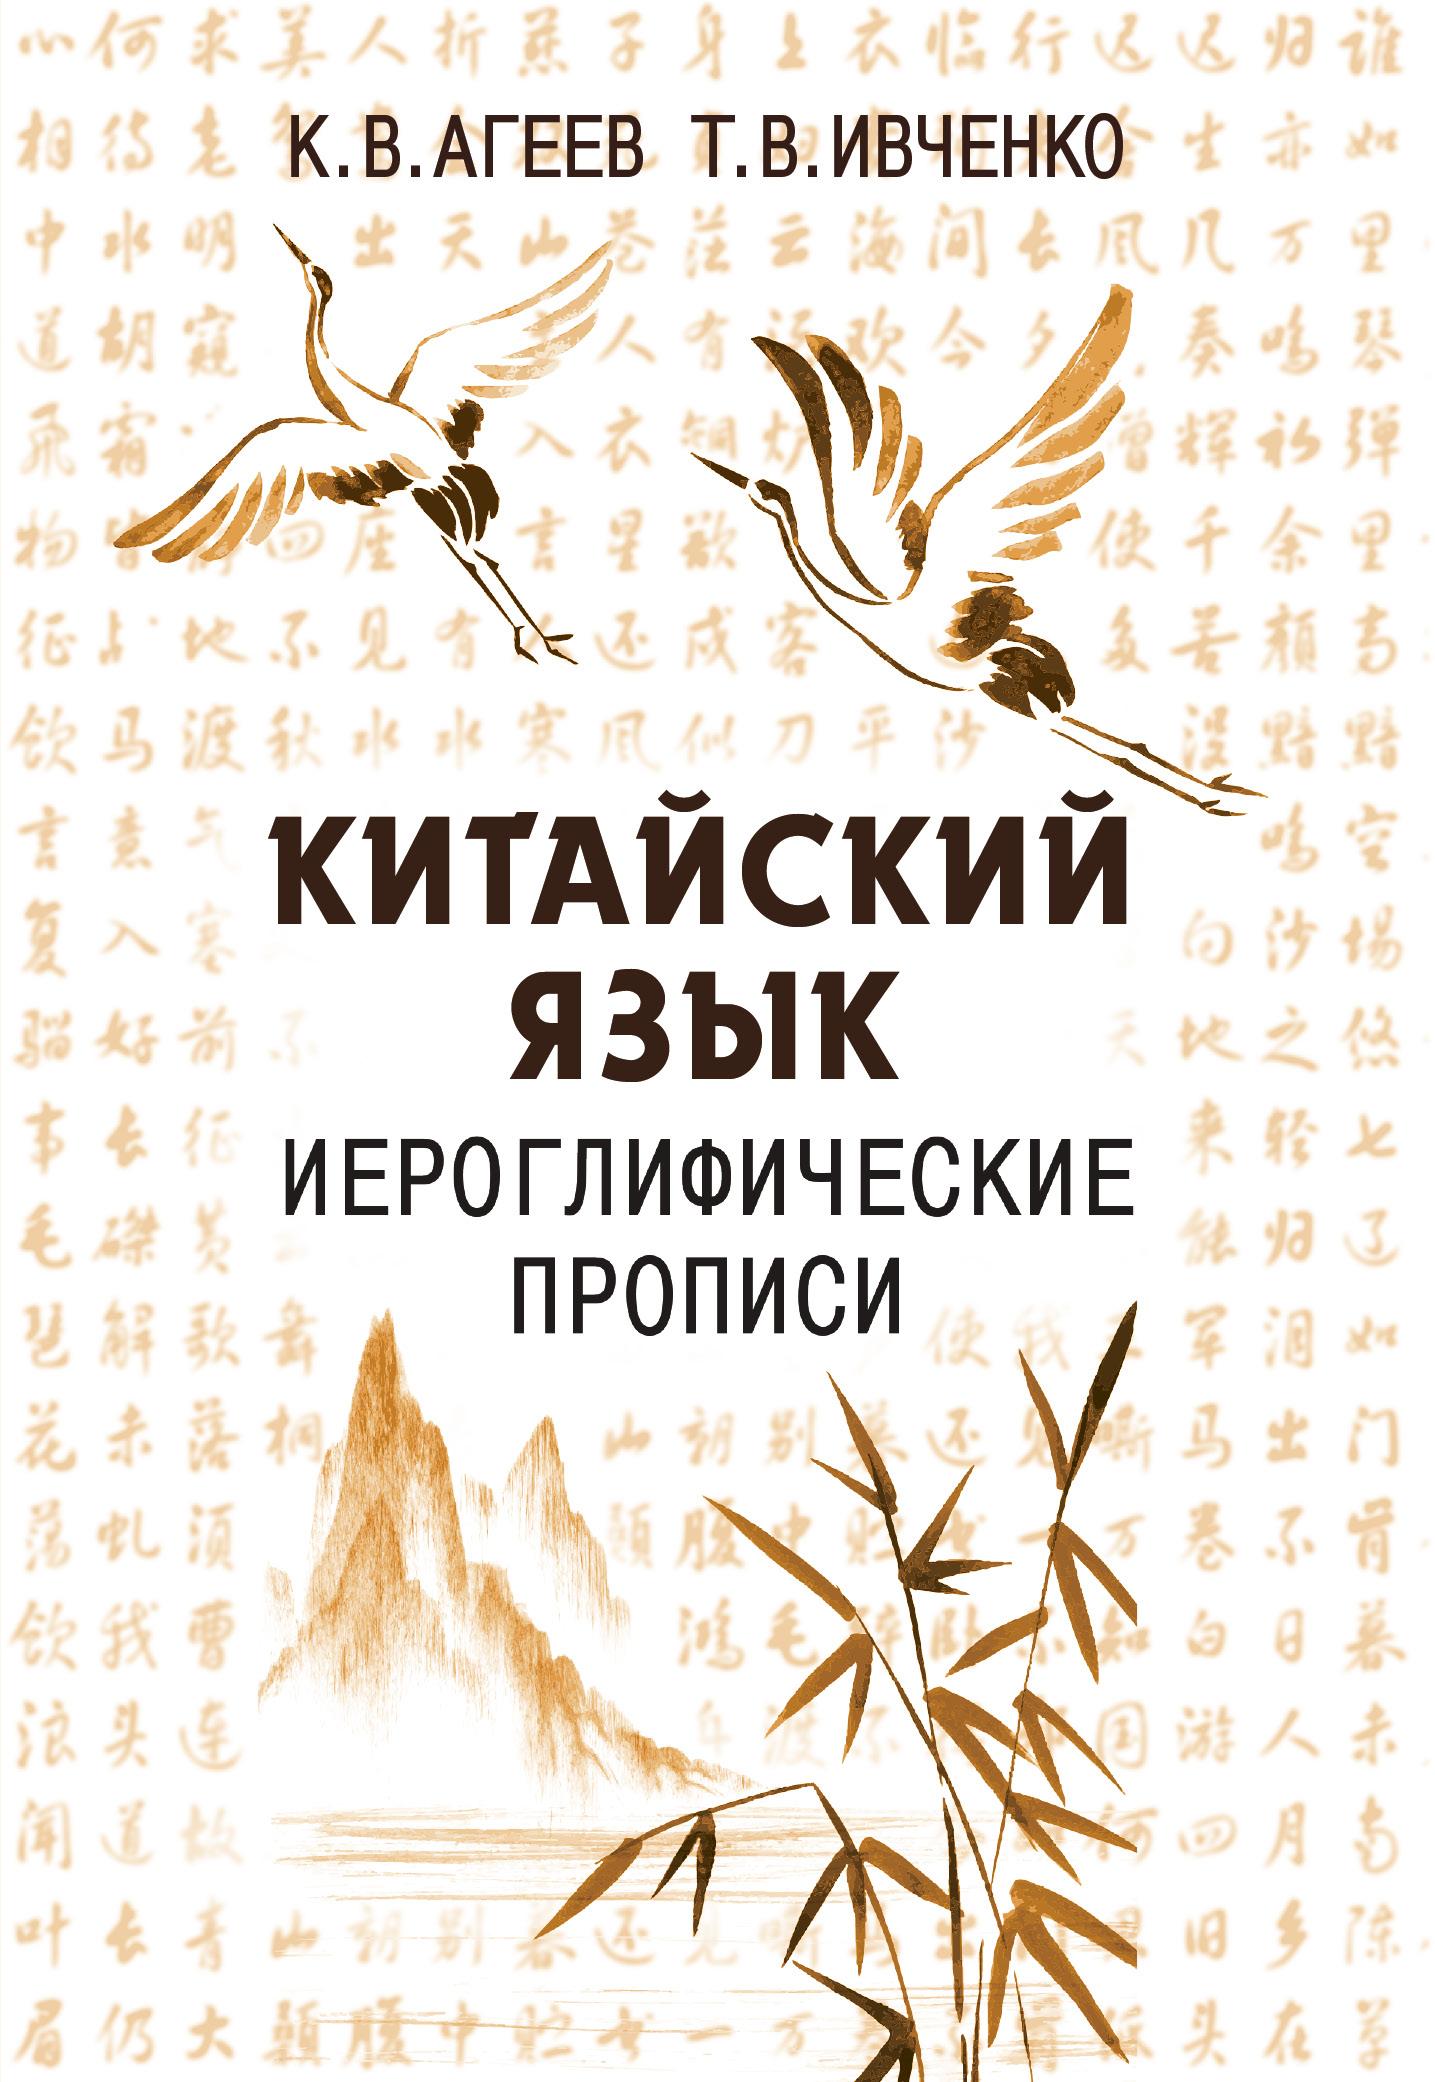 Агеев К.В., Ивченко Т.В. Китайский язык. Иероглифические прописи агеев к в ивченко т в китайский язык иероглифические прописи